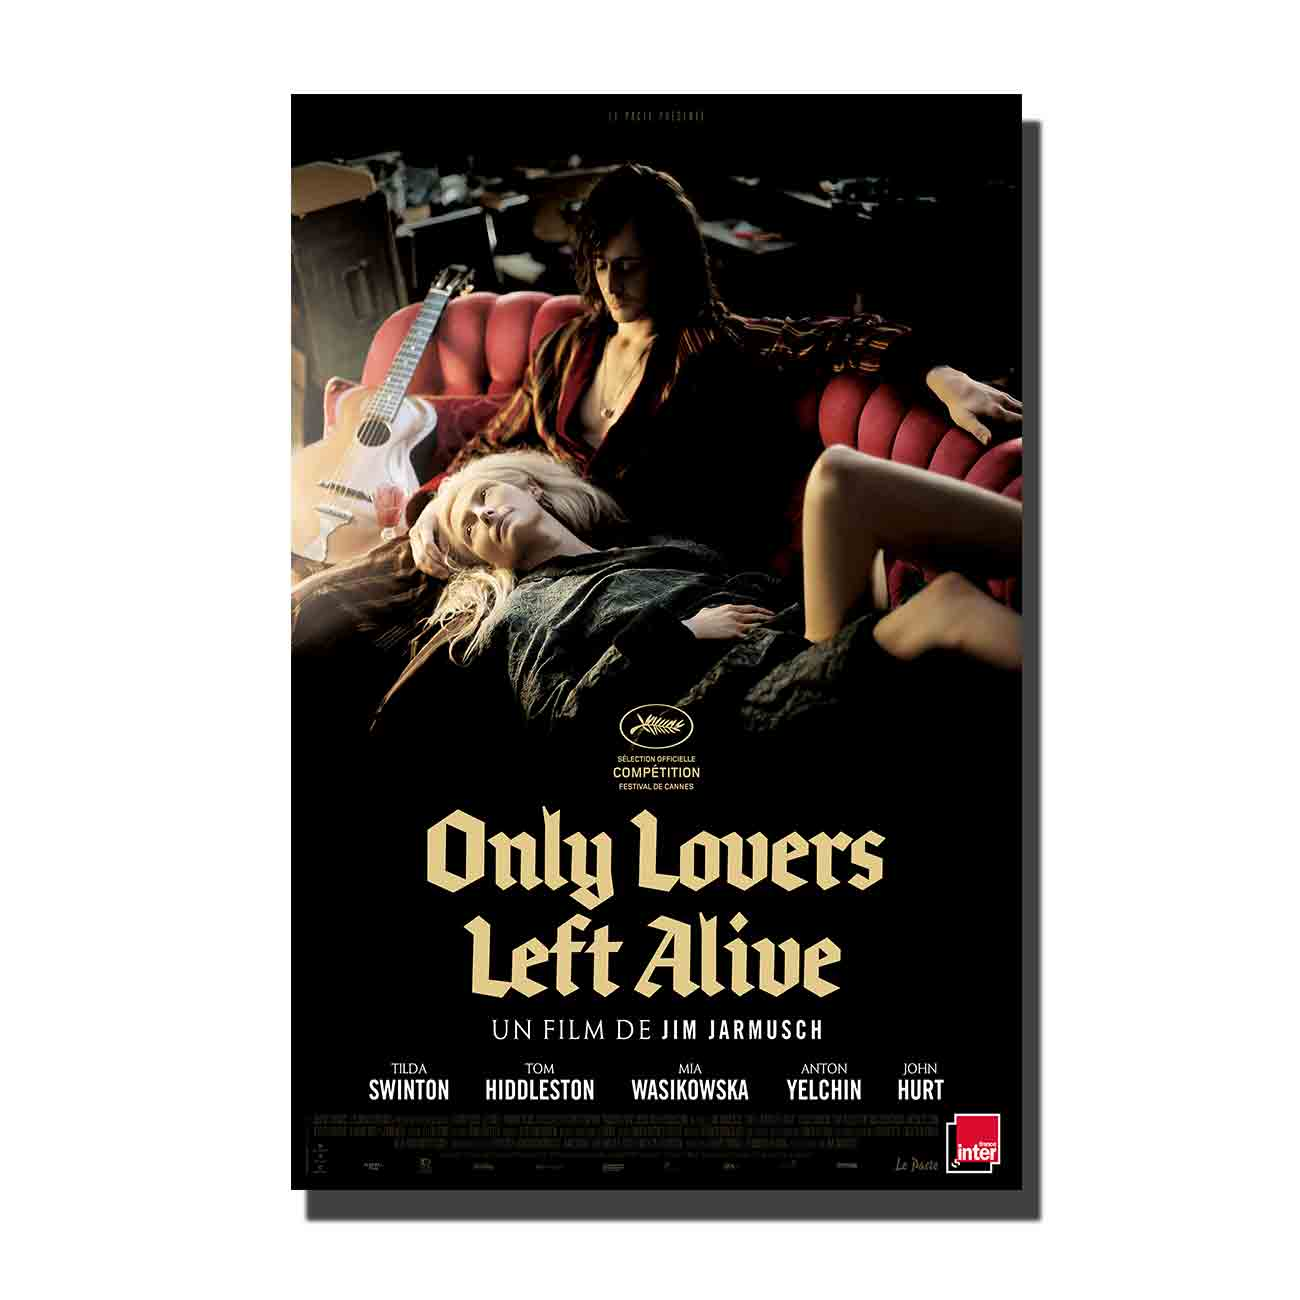 Cartel de Arte de película único amante izquierdo vivo decoración de pared personalizada para el hogar 8x1212x18 24x36canvas decoración de sala de estar